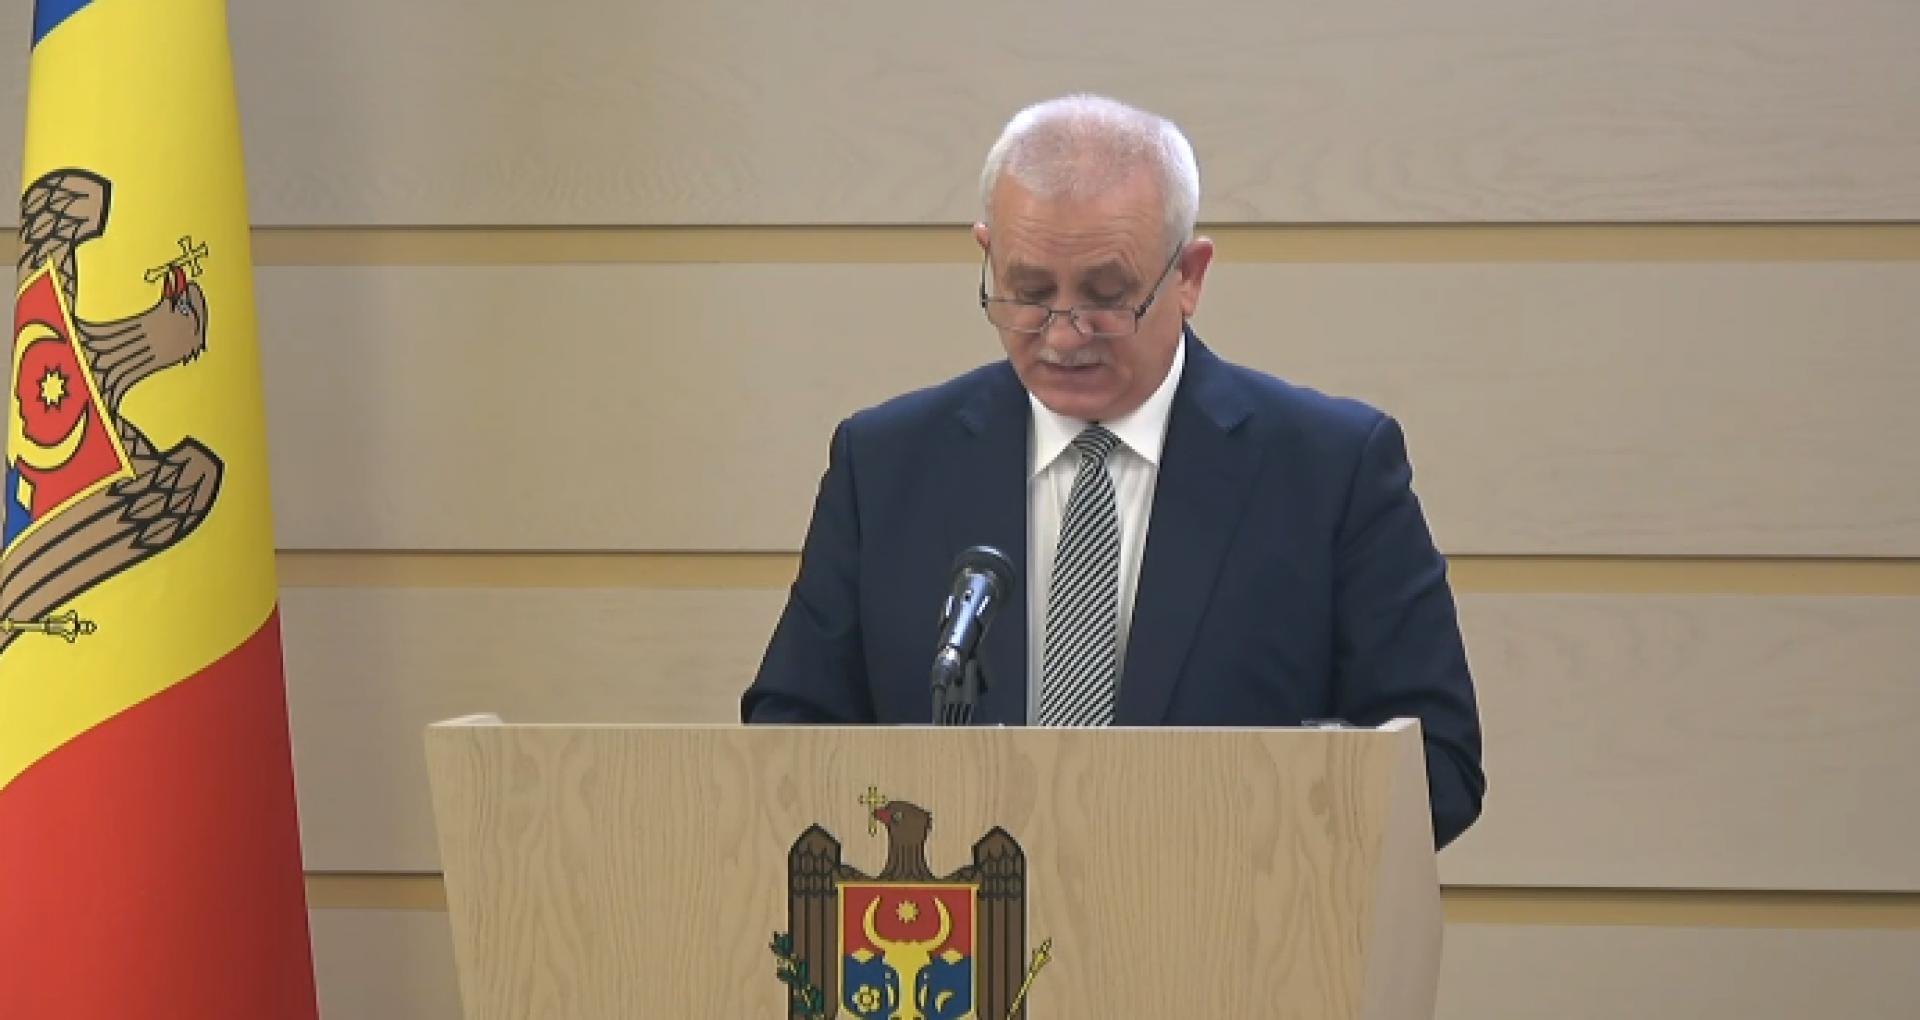 """VIDEO/ Scandalul anabolizantelor. Un deputat susține că """"în schemă"""" ar fi implicați și trei apropiați ai lui Igor Dodon"""